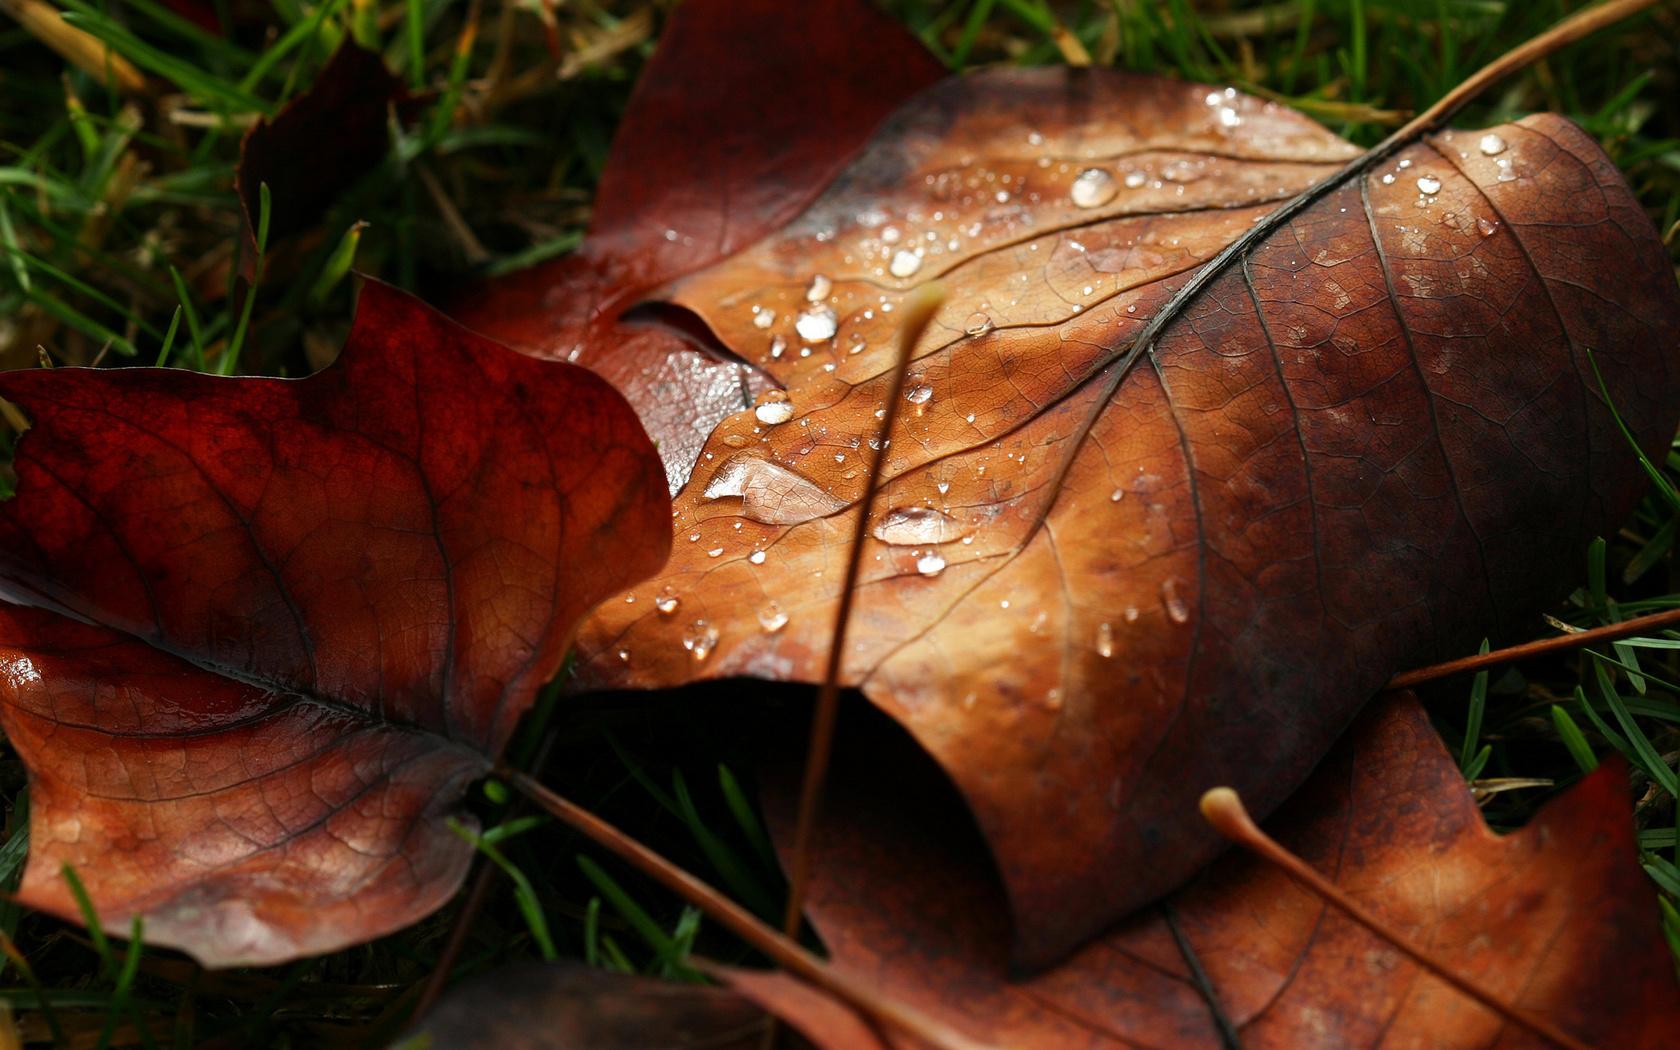 роса, macro, вода, листик, листья, Макро, капля, листочек